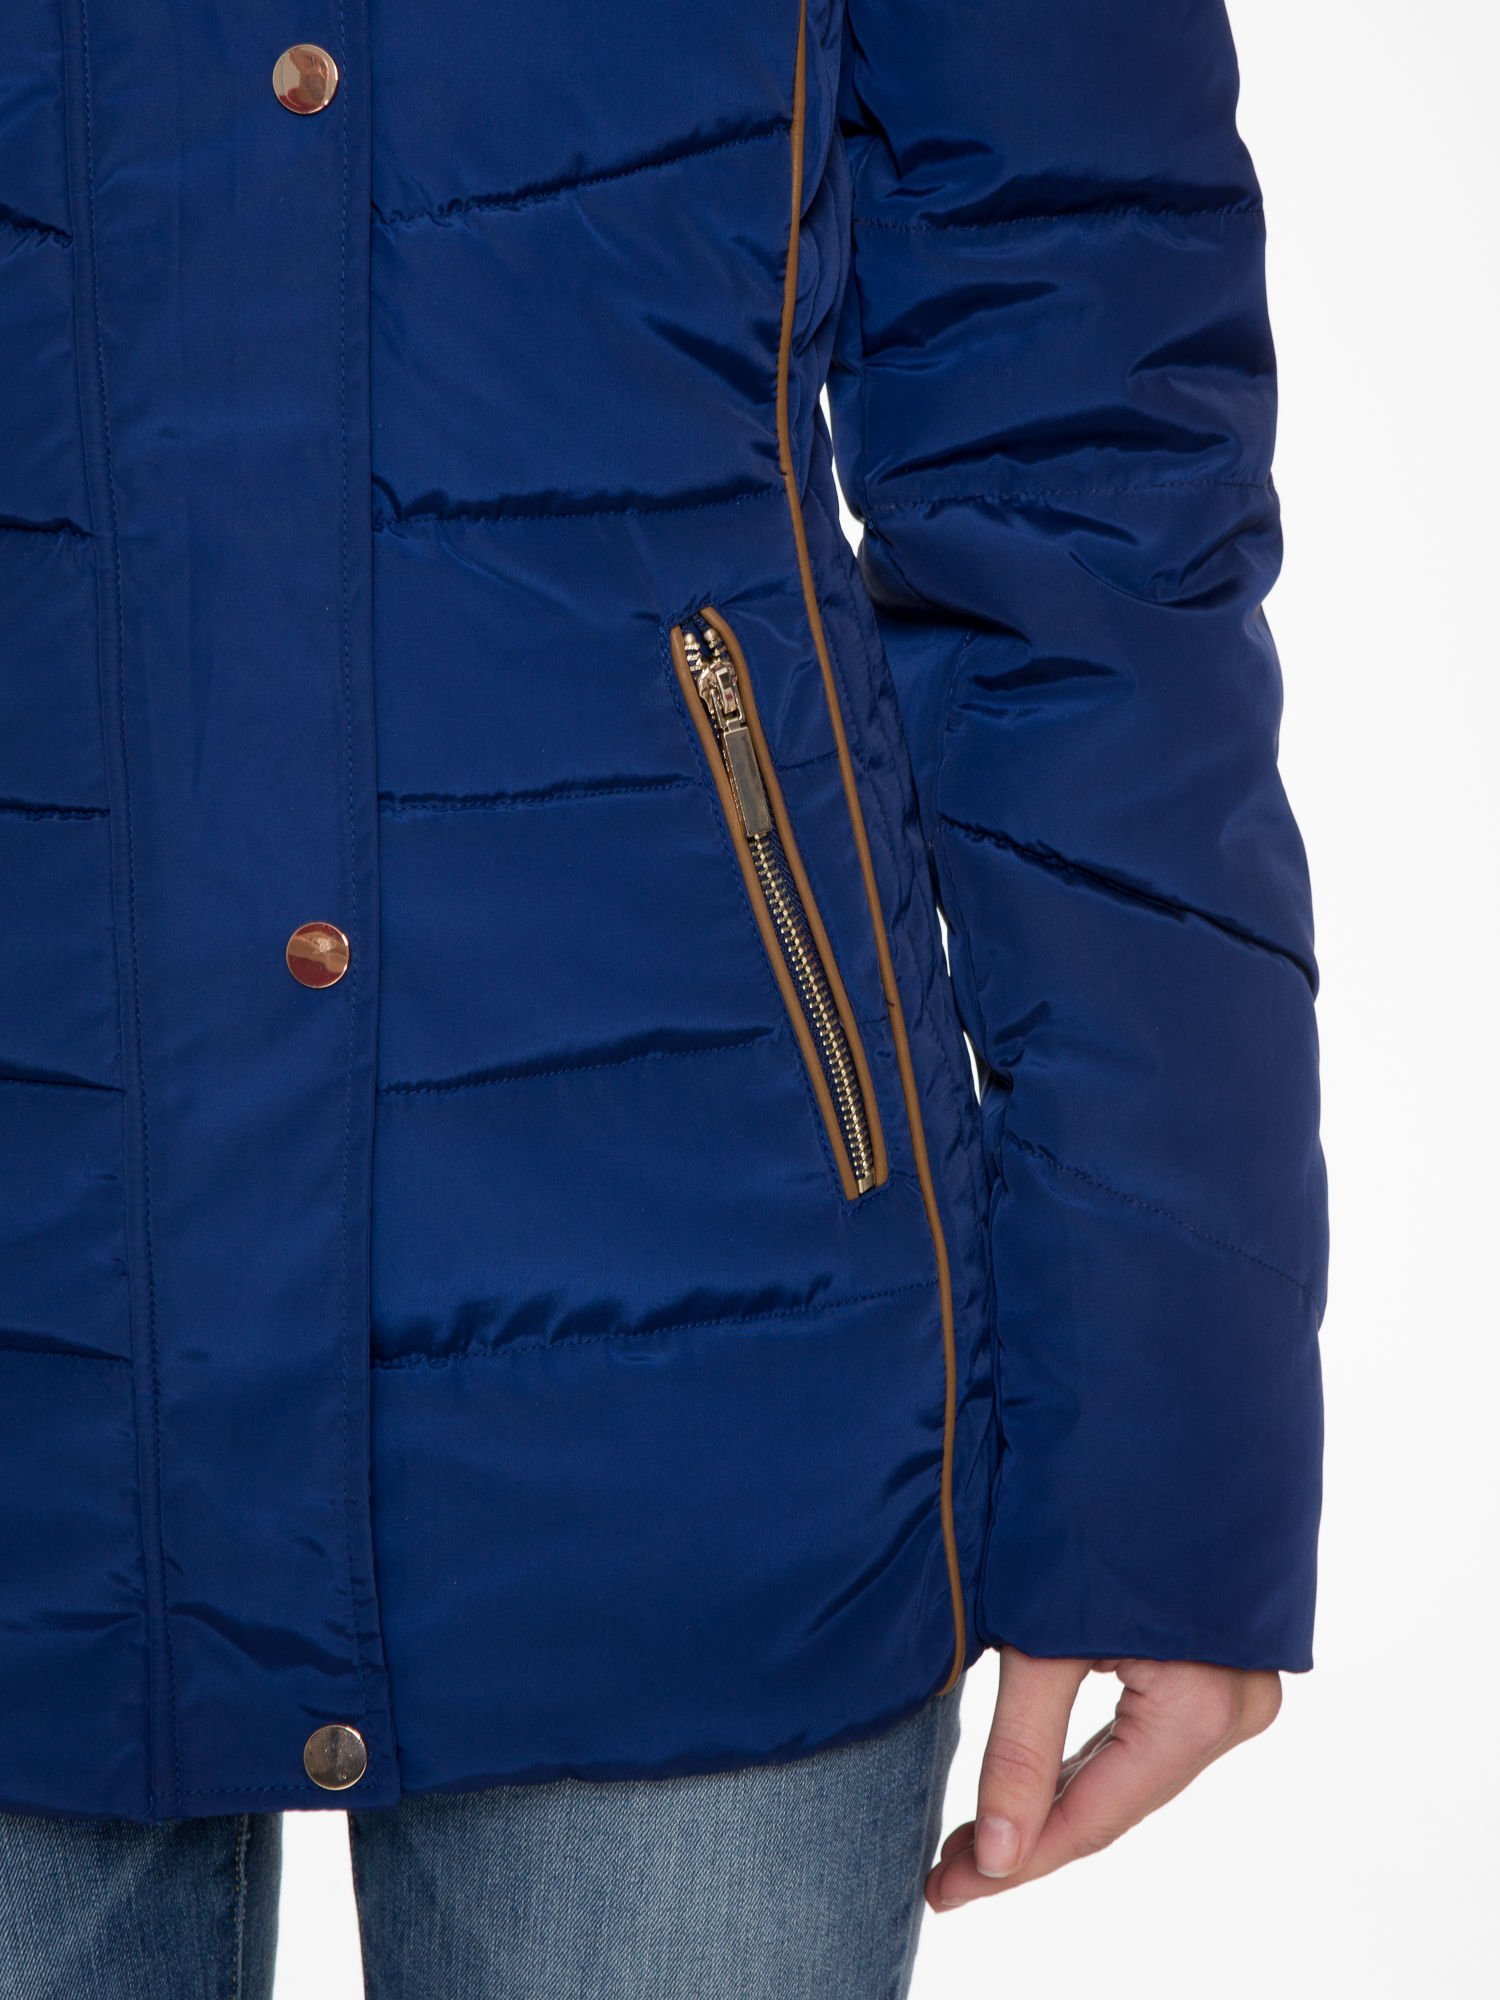 Granatowa kurtka zimowa ze skórzaną lamówką i futrzanym kapturem                                  zdj.                                  8